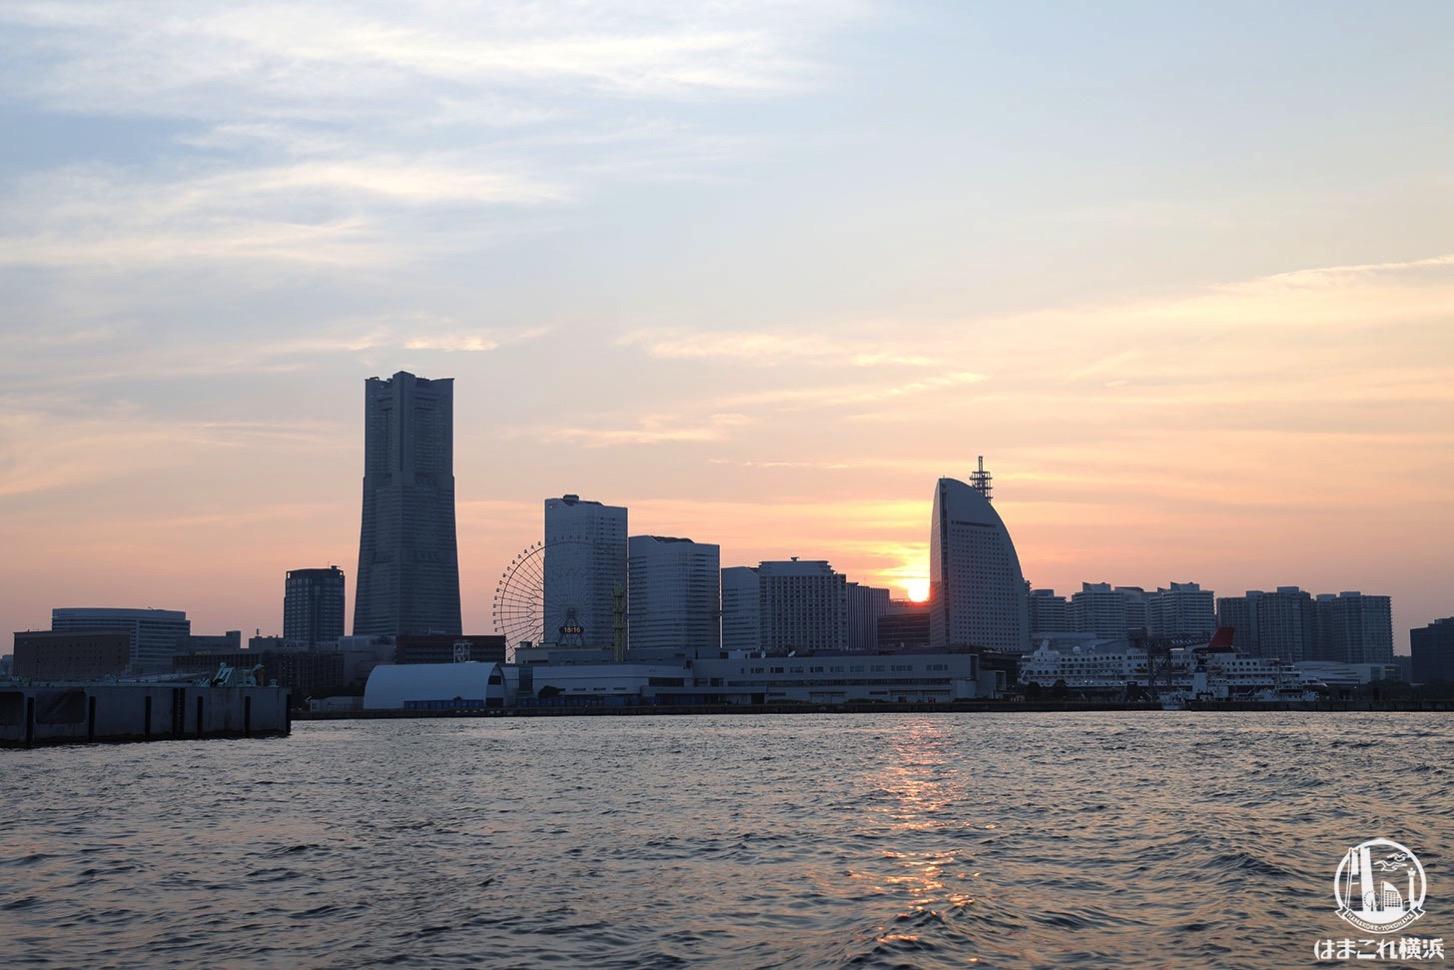 シーバスで横浜駅から山下公園に船旅、日暮れの景色も穏やかでおすすめ